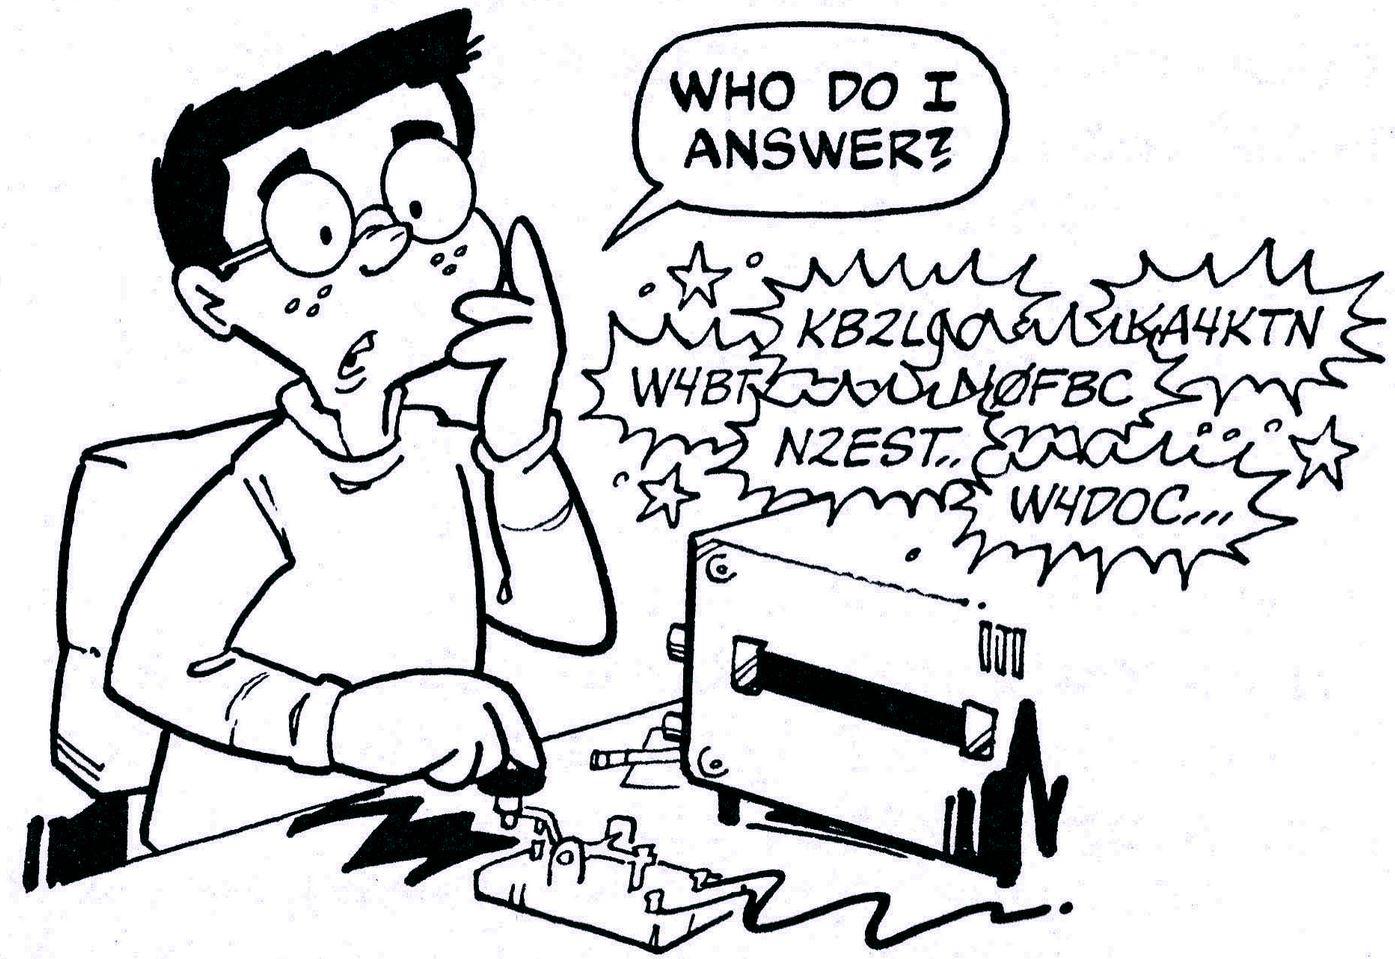 Ham Cartoon - What do I answer